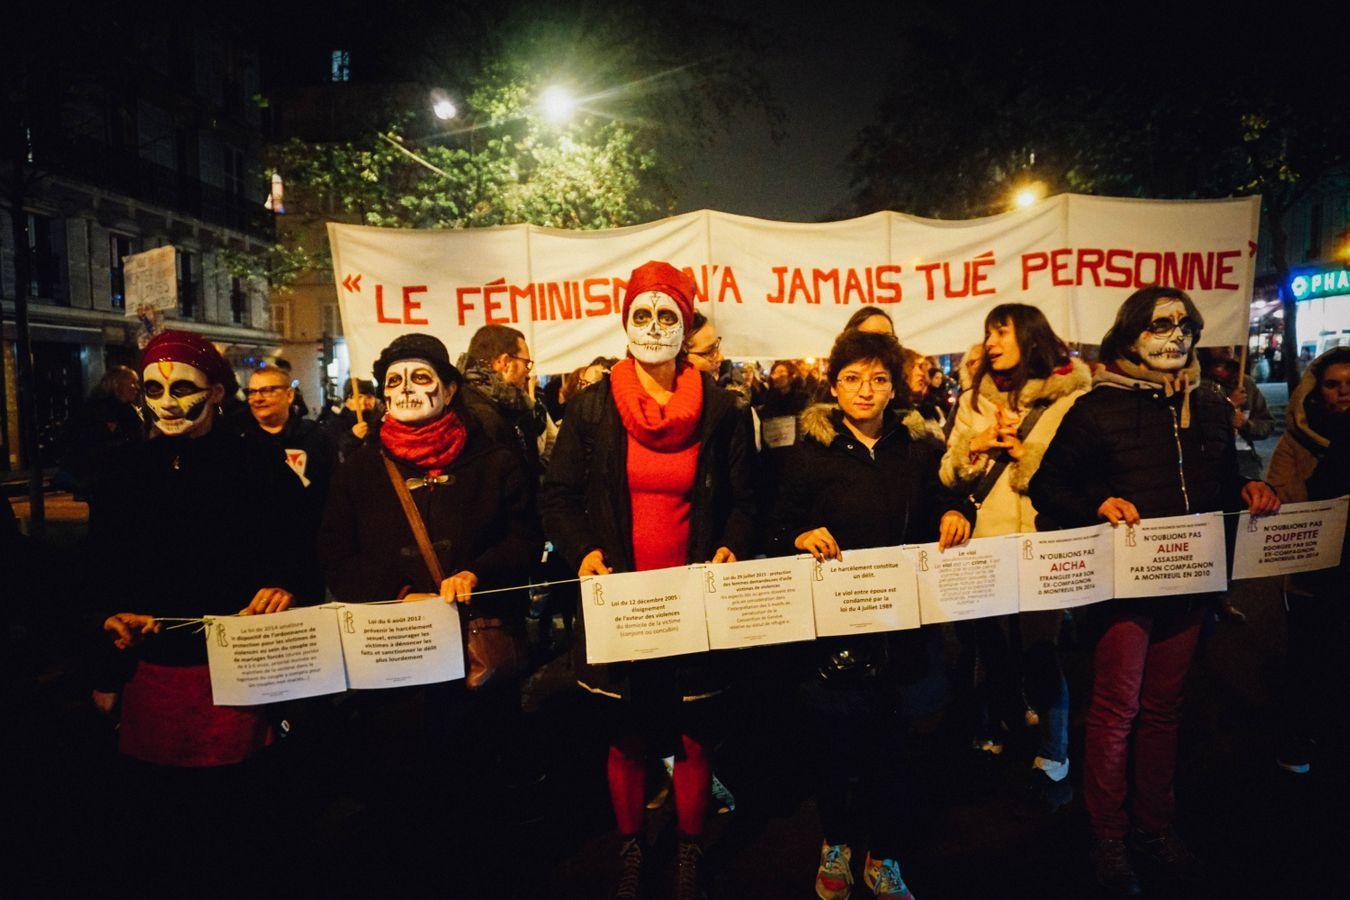 Hélène entourée d'autres manifestantes